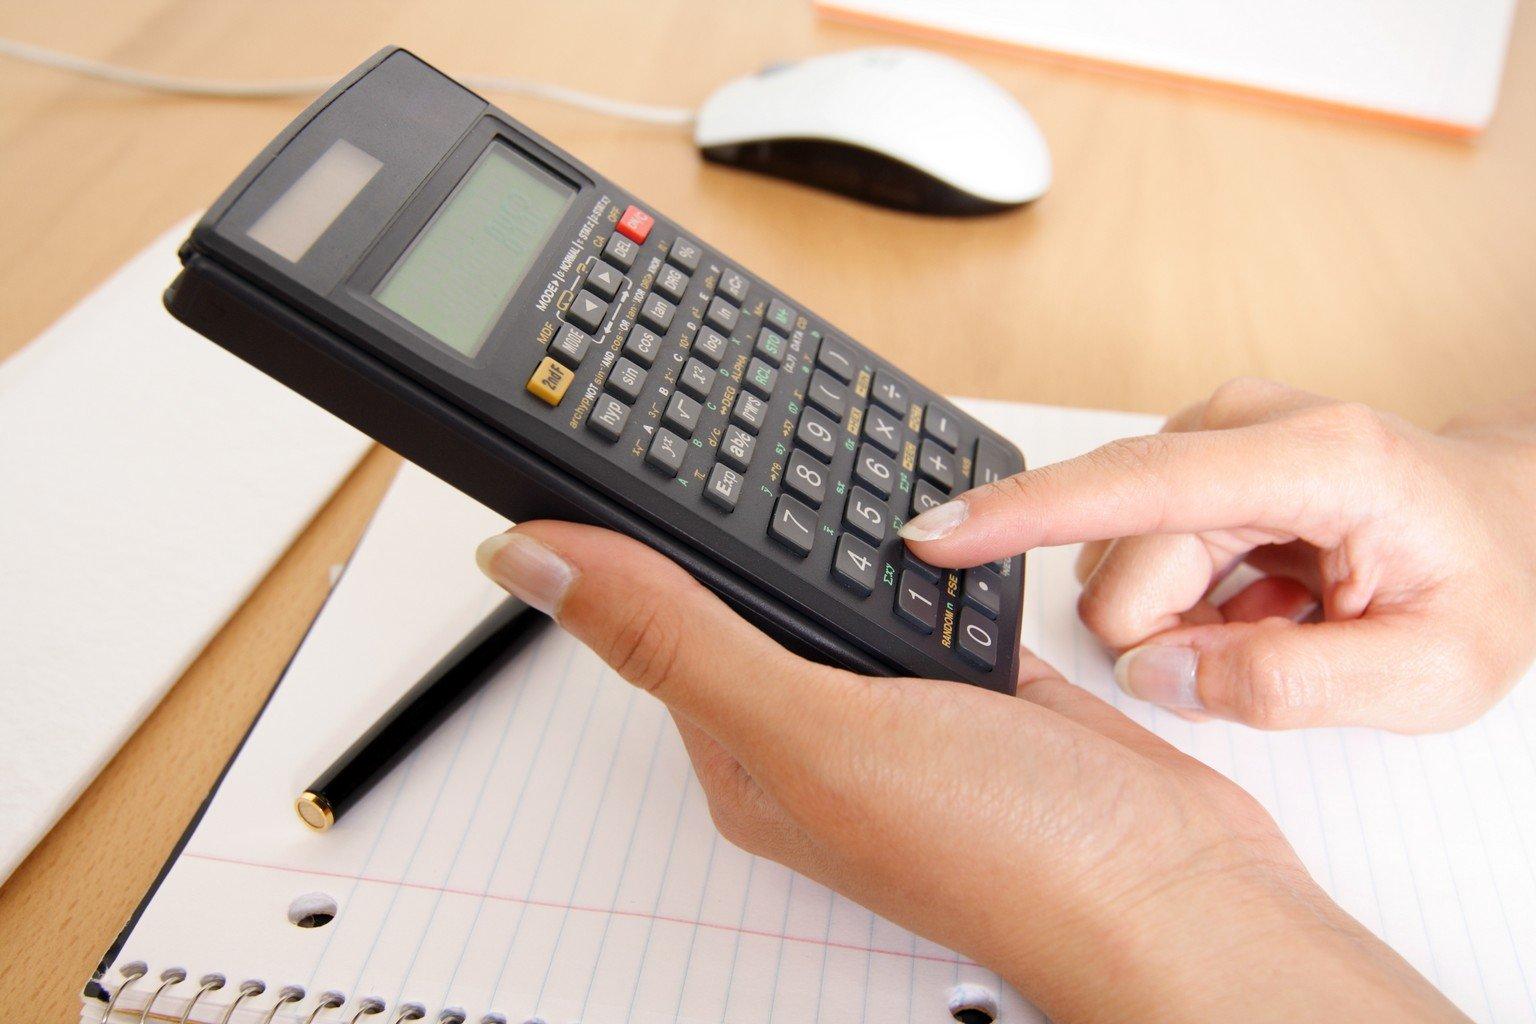 Facturation et comptabilité : Mon expérience avec les logiciels de comptabilité et de facturation